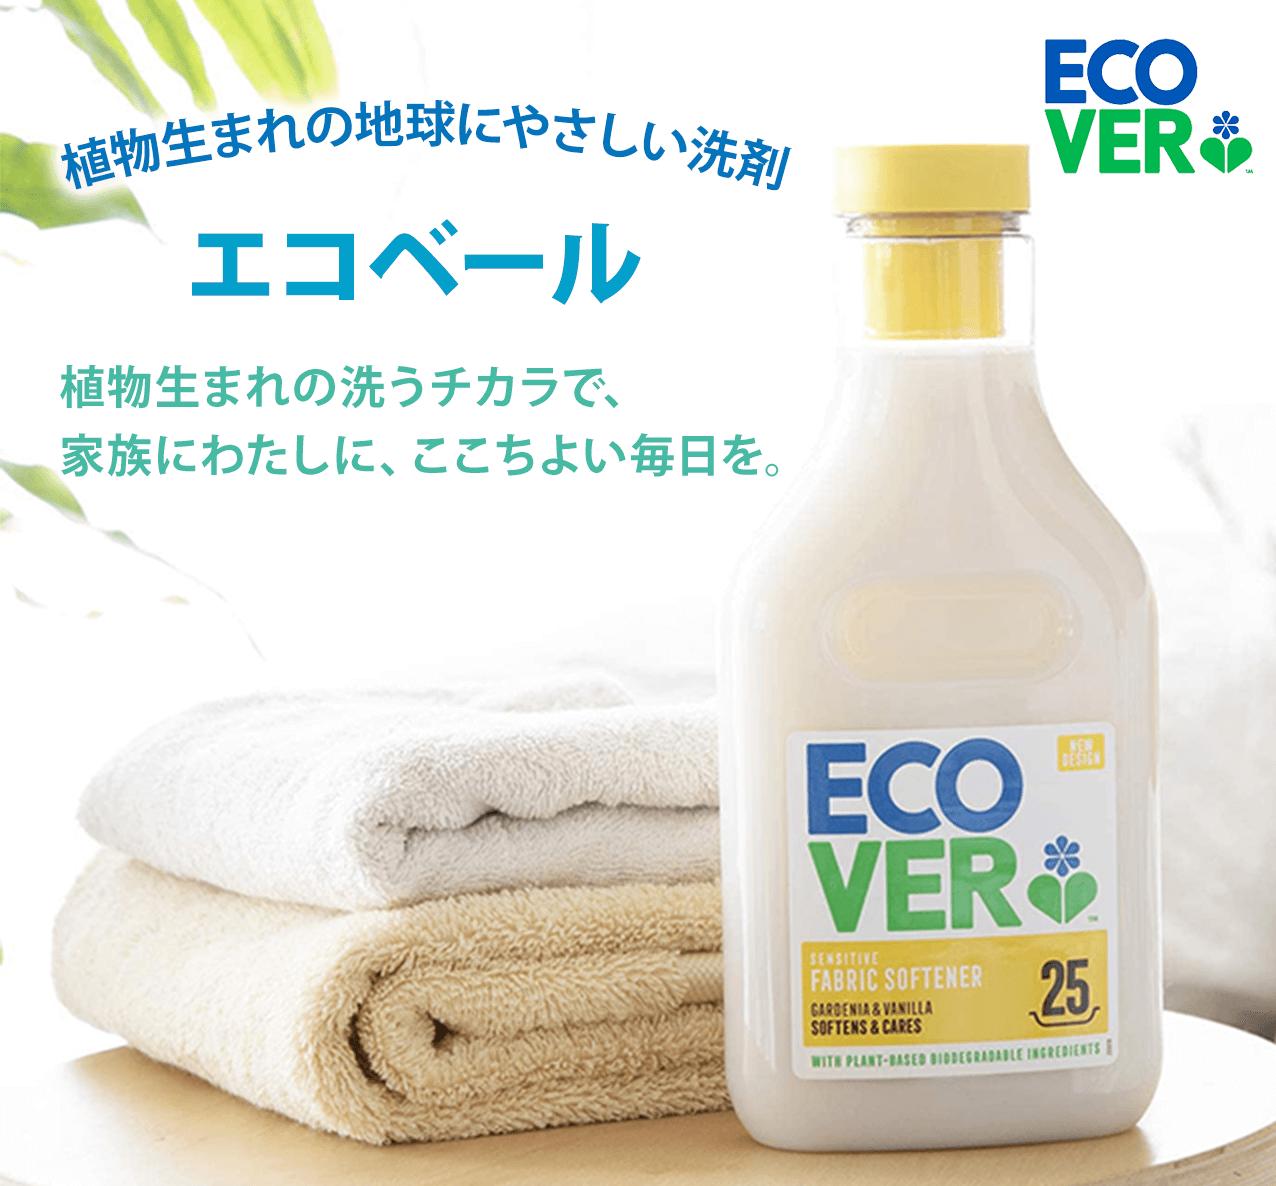 植物生まれのエコ洗剤 エコベール 植物生まれの洗うチカラで、 家族にわたしに、ここちよい毎日を。